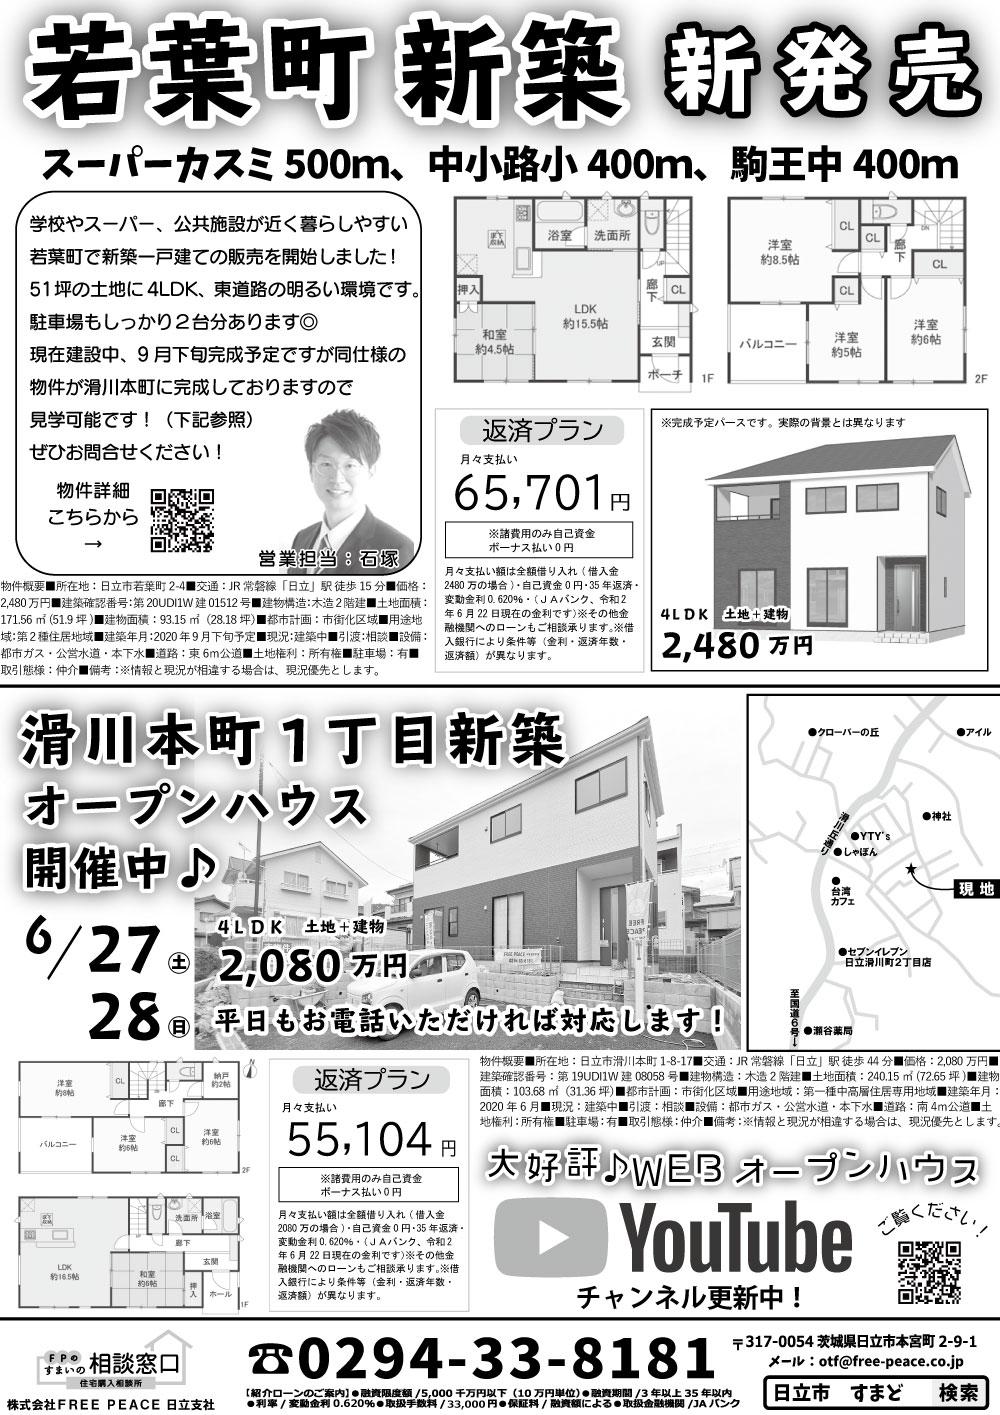 若葉町新築、販売開始&滑川本町新築、価格改定!